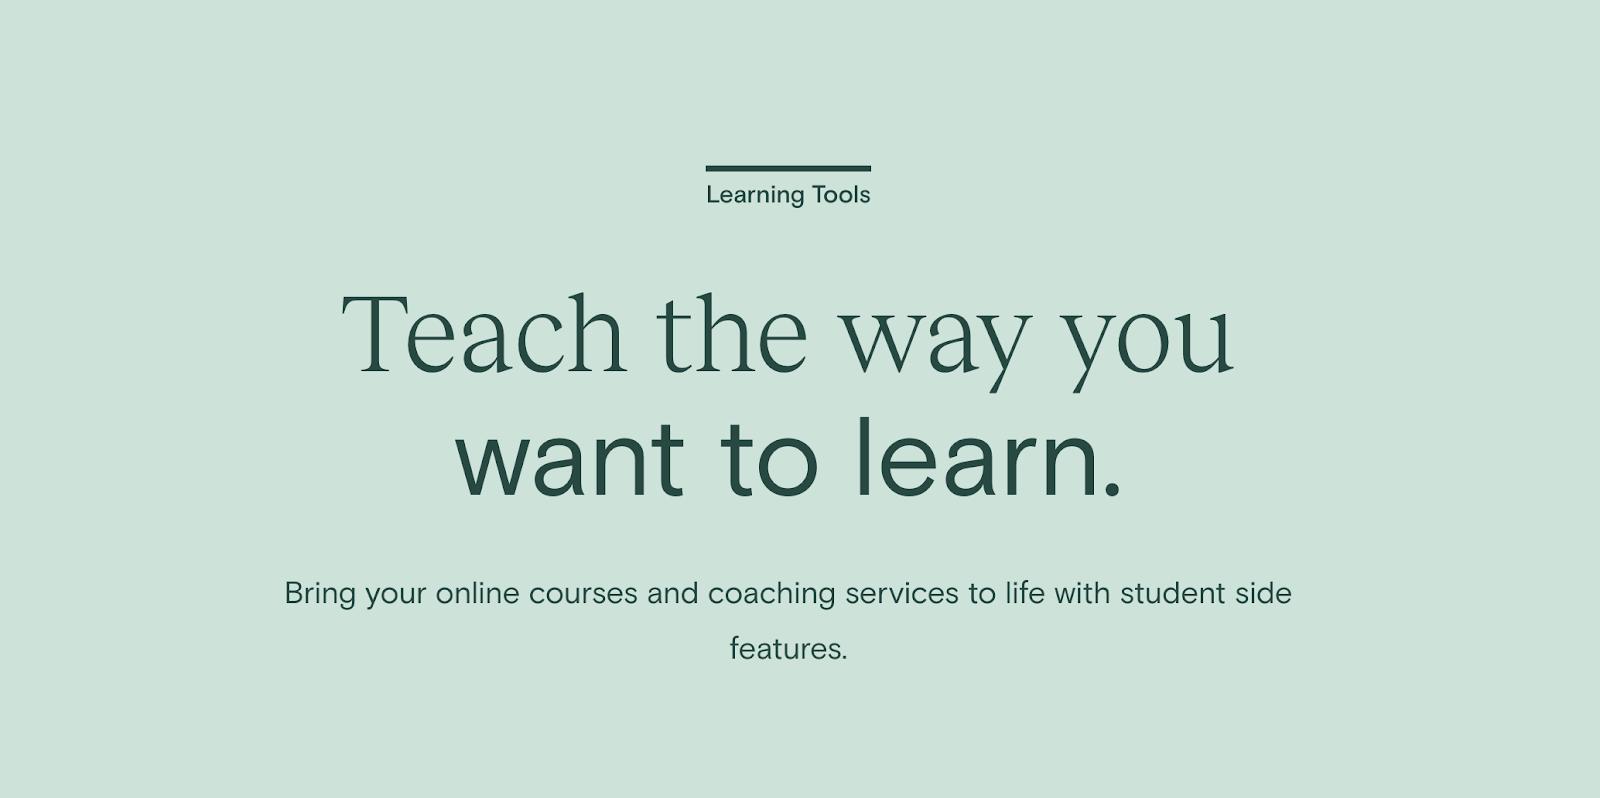 オンライン講座をTeachableで作ろう!知っておきたい特徴・事例・活用シーンまとめ